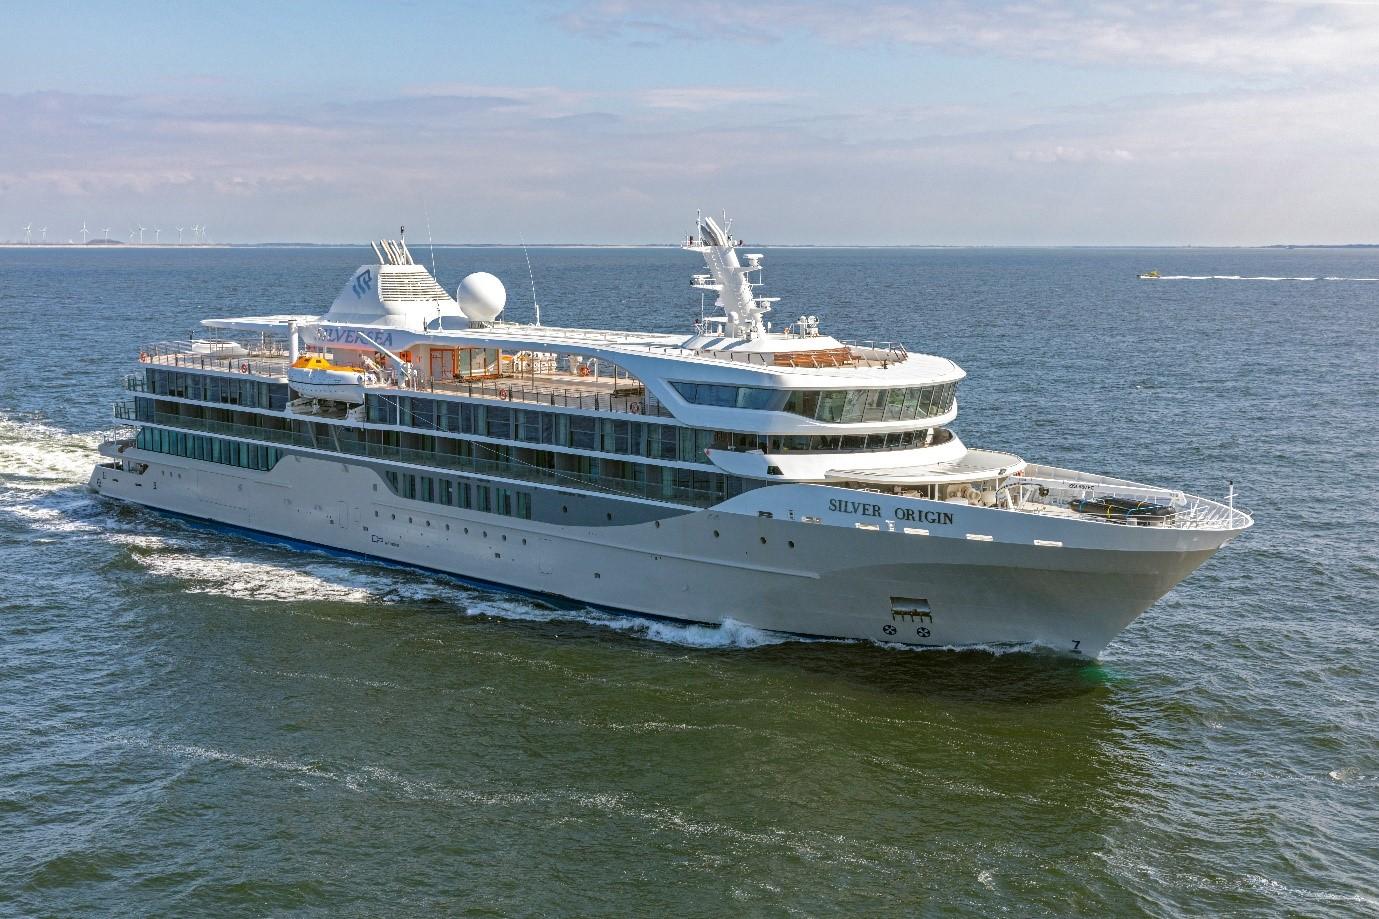 Die Silver Origin, Neubau von Silversea Cruises für den Einsatz rund um die Galápagos-Inseln, hat die ersten Sea Trials mit Bravour bestanden.